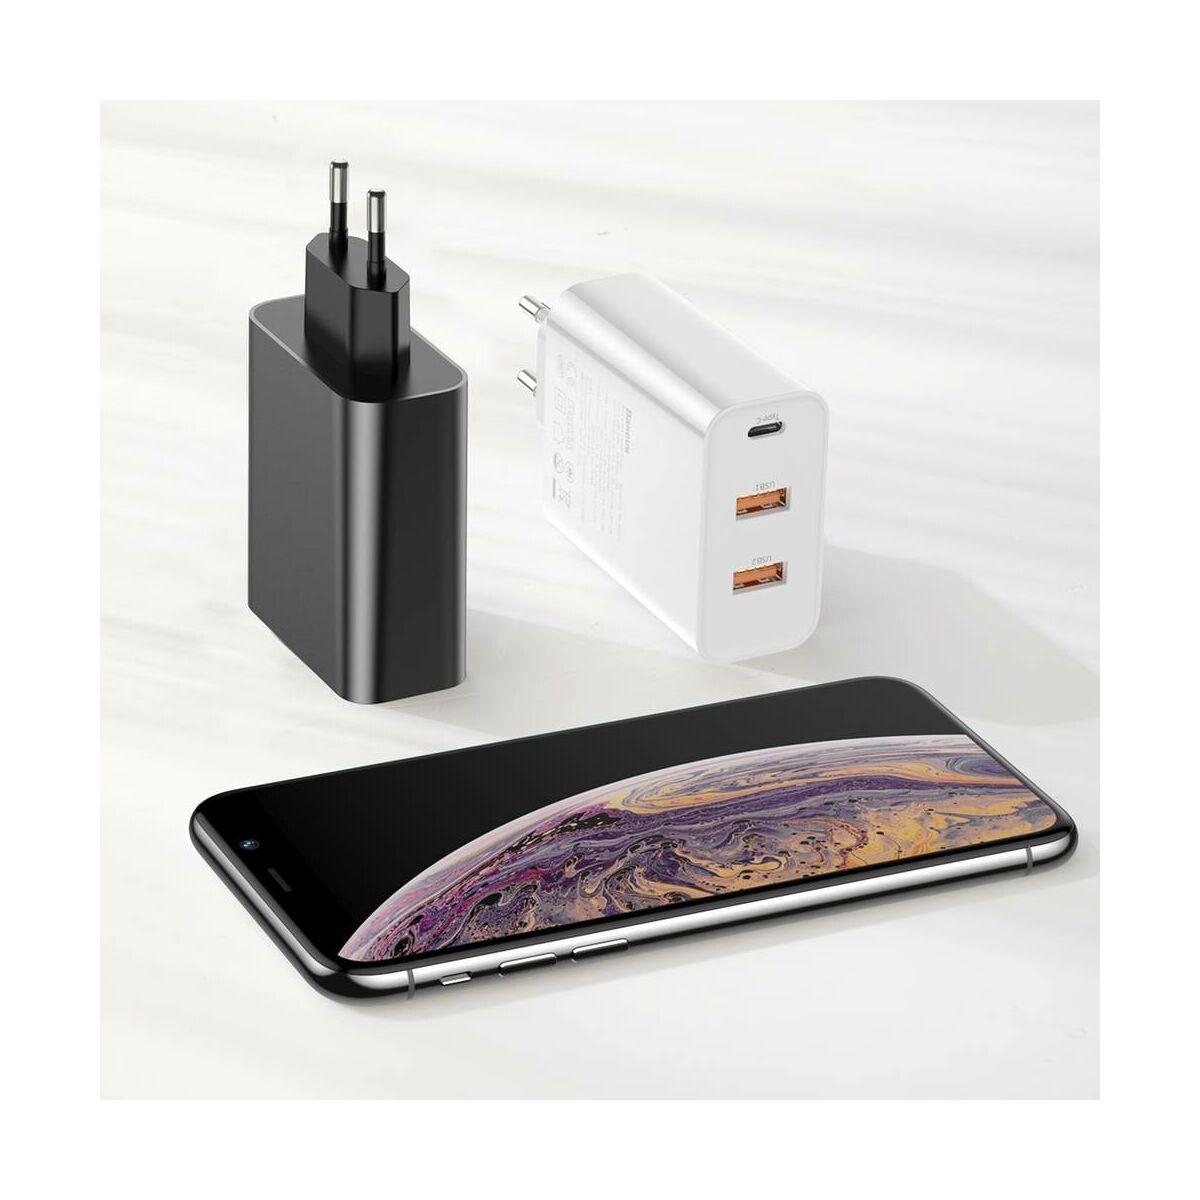 Baseus hálózati töltő, PPS három kimenetes gyors töltés (Type-C+USB+USB) max 60W EU, fehér (CCFS-G02)